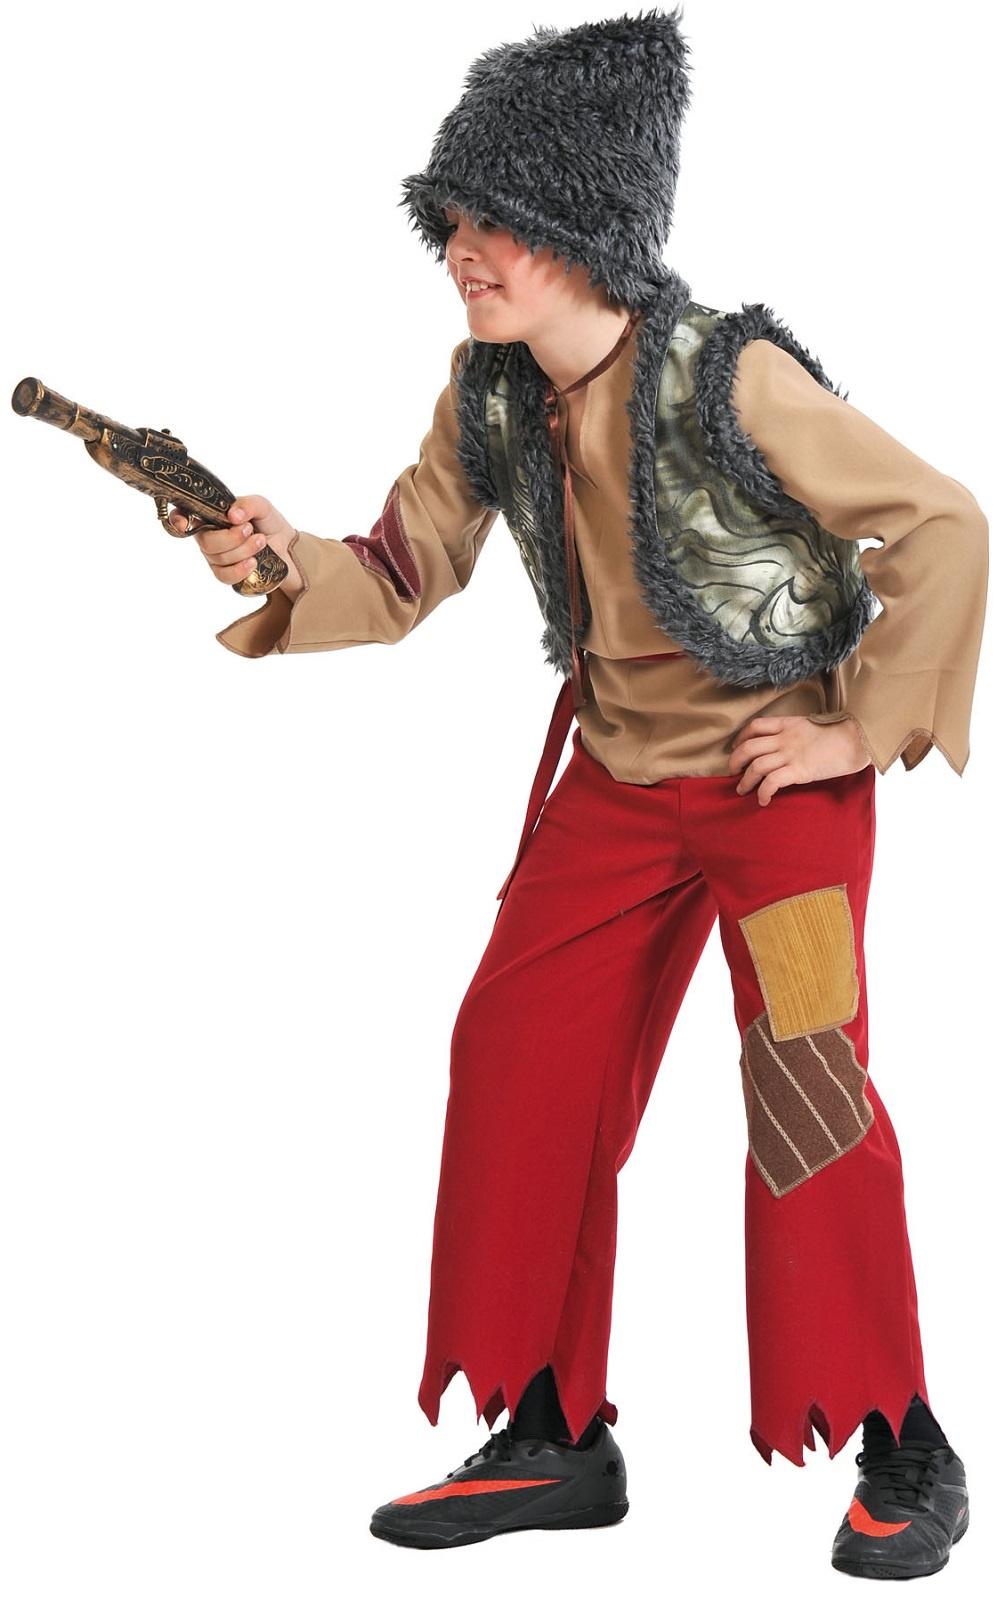 лесной разбойник фото костюма это известной степени